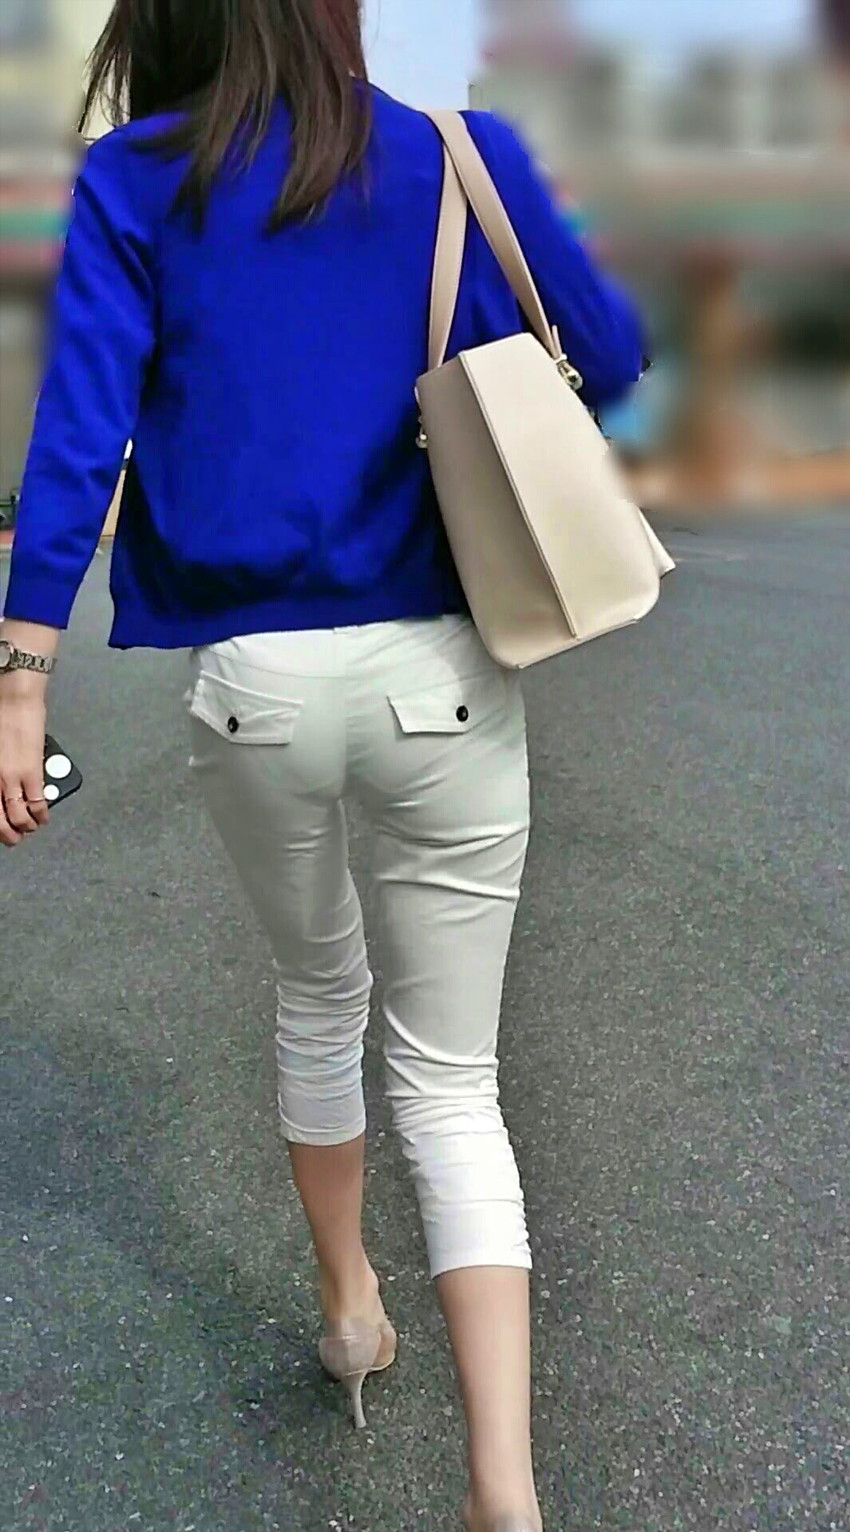 【透けパンツエロ画像】パンツ丸見えよりもタイトスカートや履いて下着が透けてる素人女子のほうが興奮しちゃう透けパンツのエロ画像酒!ww【80枚】 35